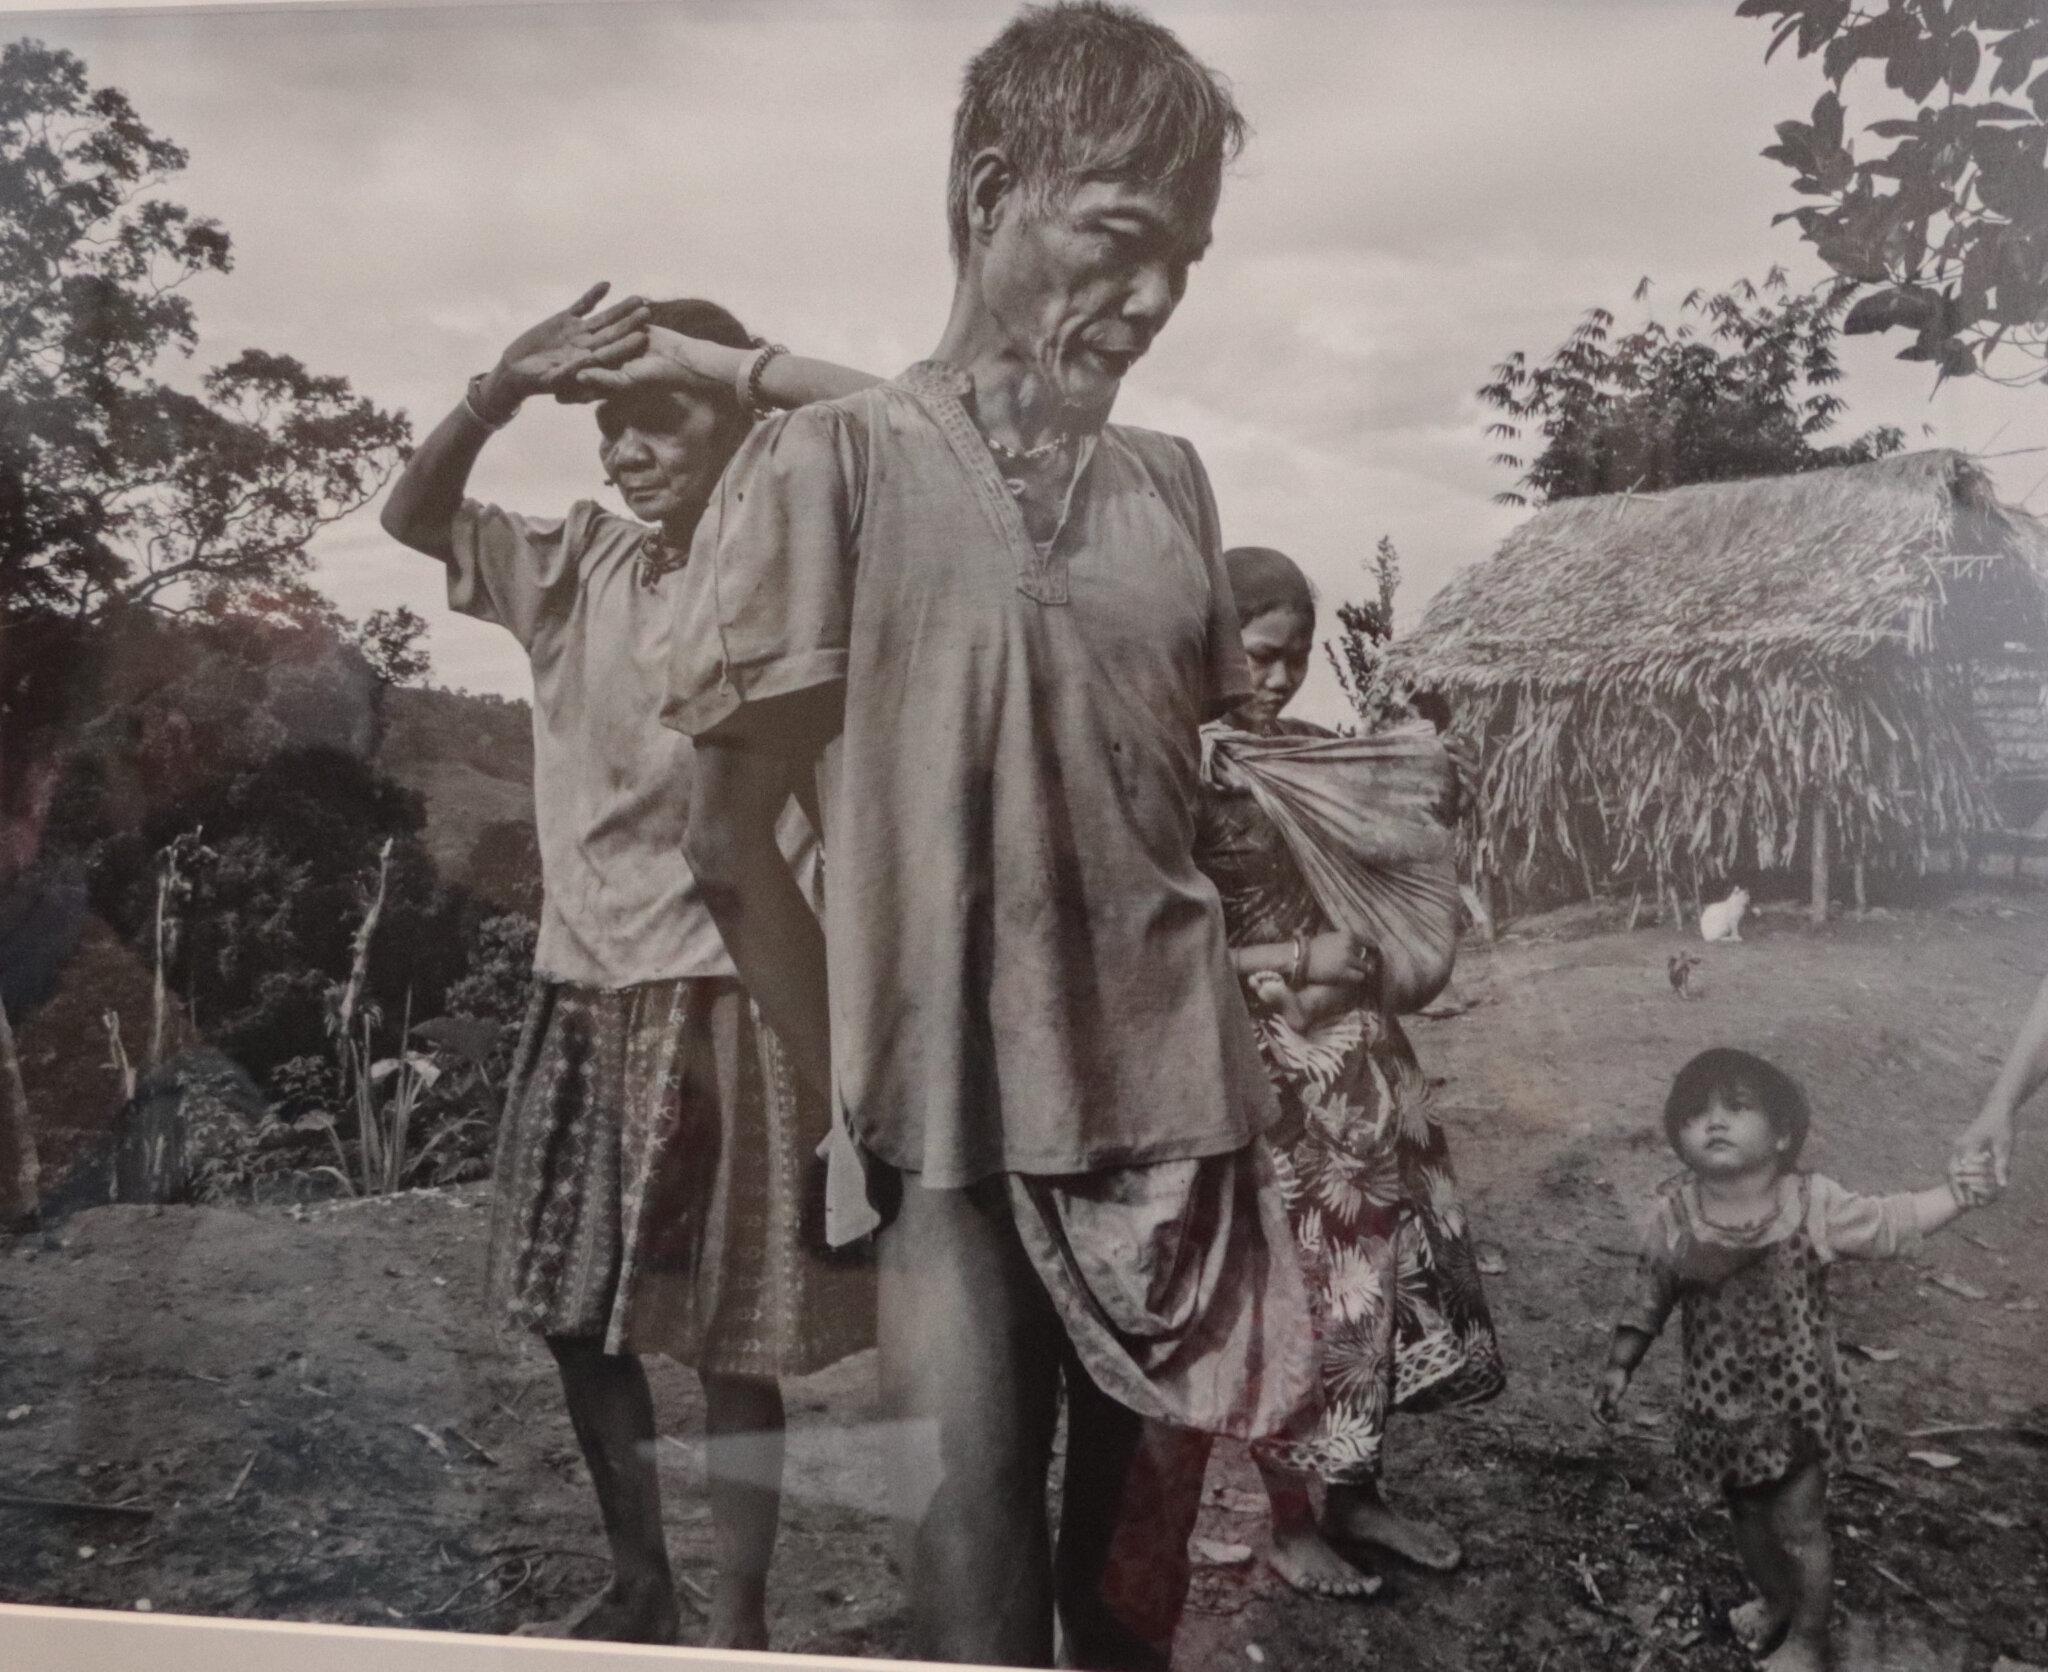 Pierre de Vallombreuse chez les Palawan, exposition au Musée de l'Homme